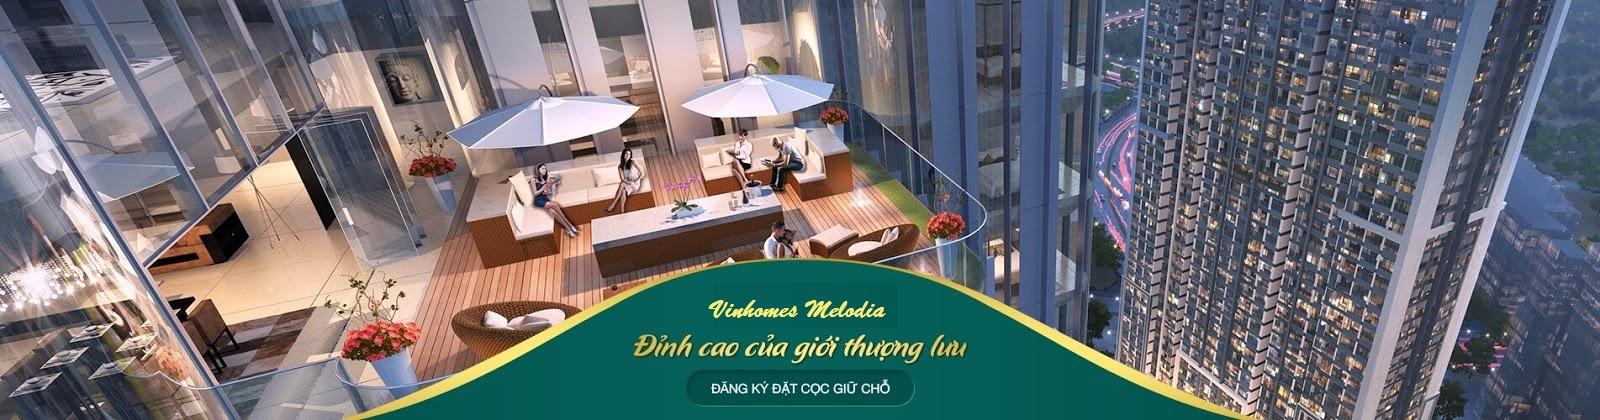 slider_bg_plane_Chung cư Vinhomes Melodia Phạm Hùng